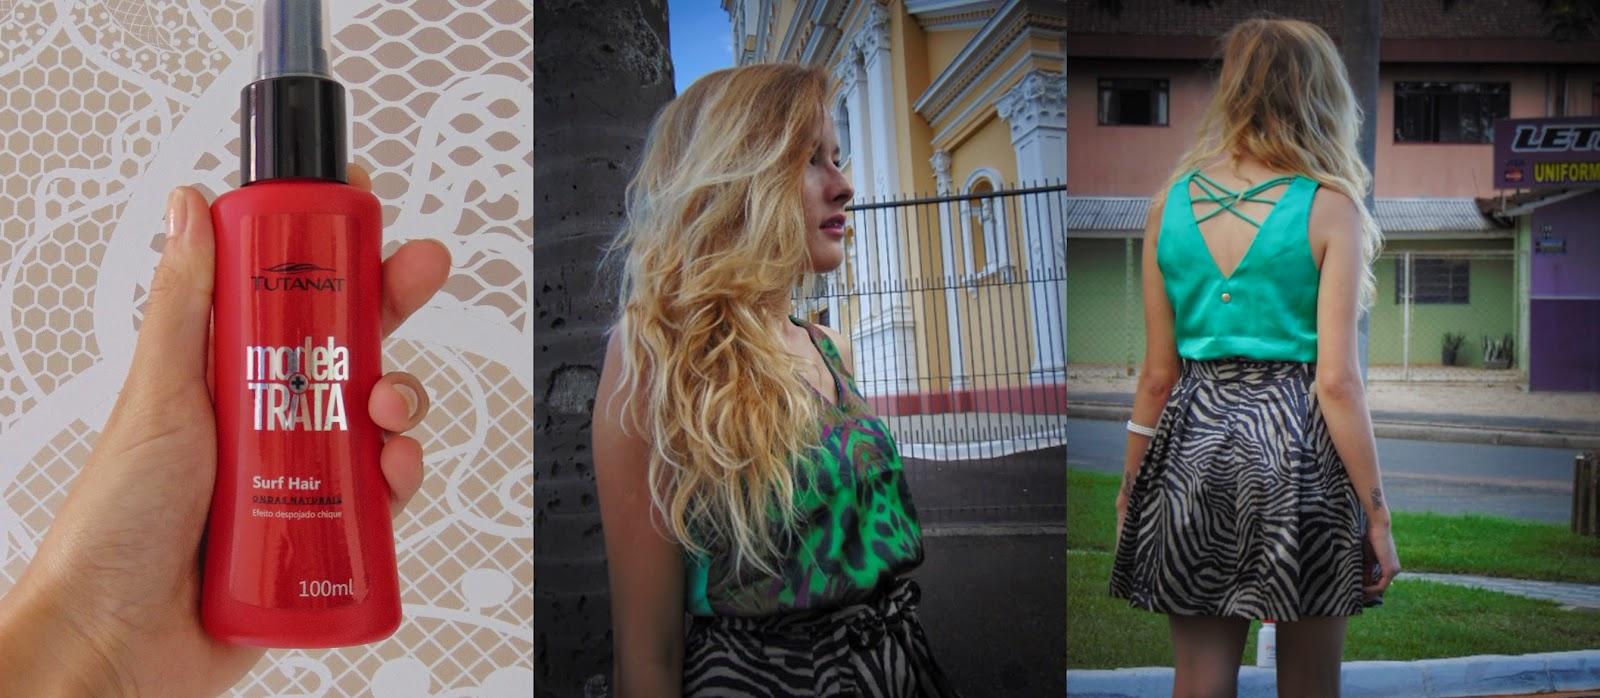 Finalizadores- Tutanat | Blog Ally Arruda